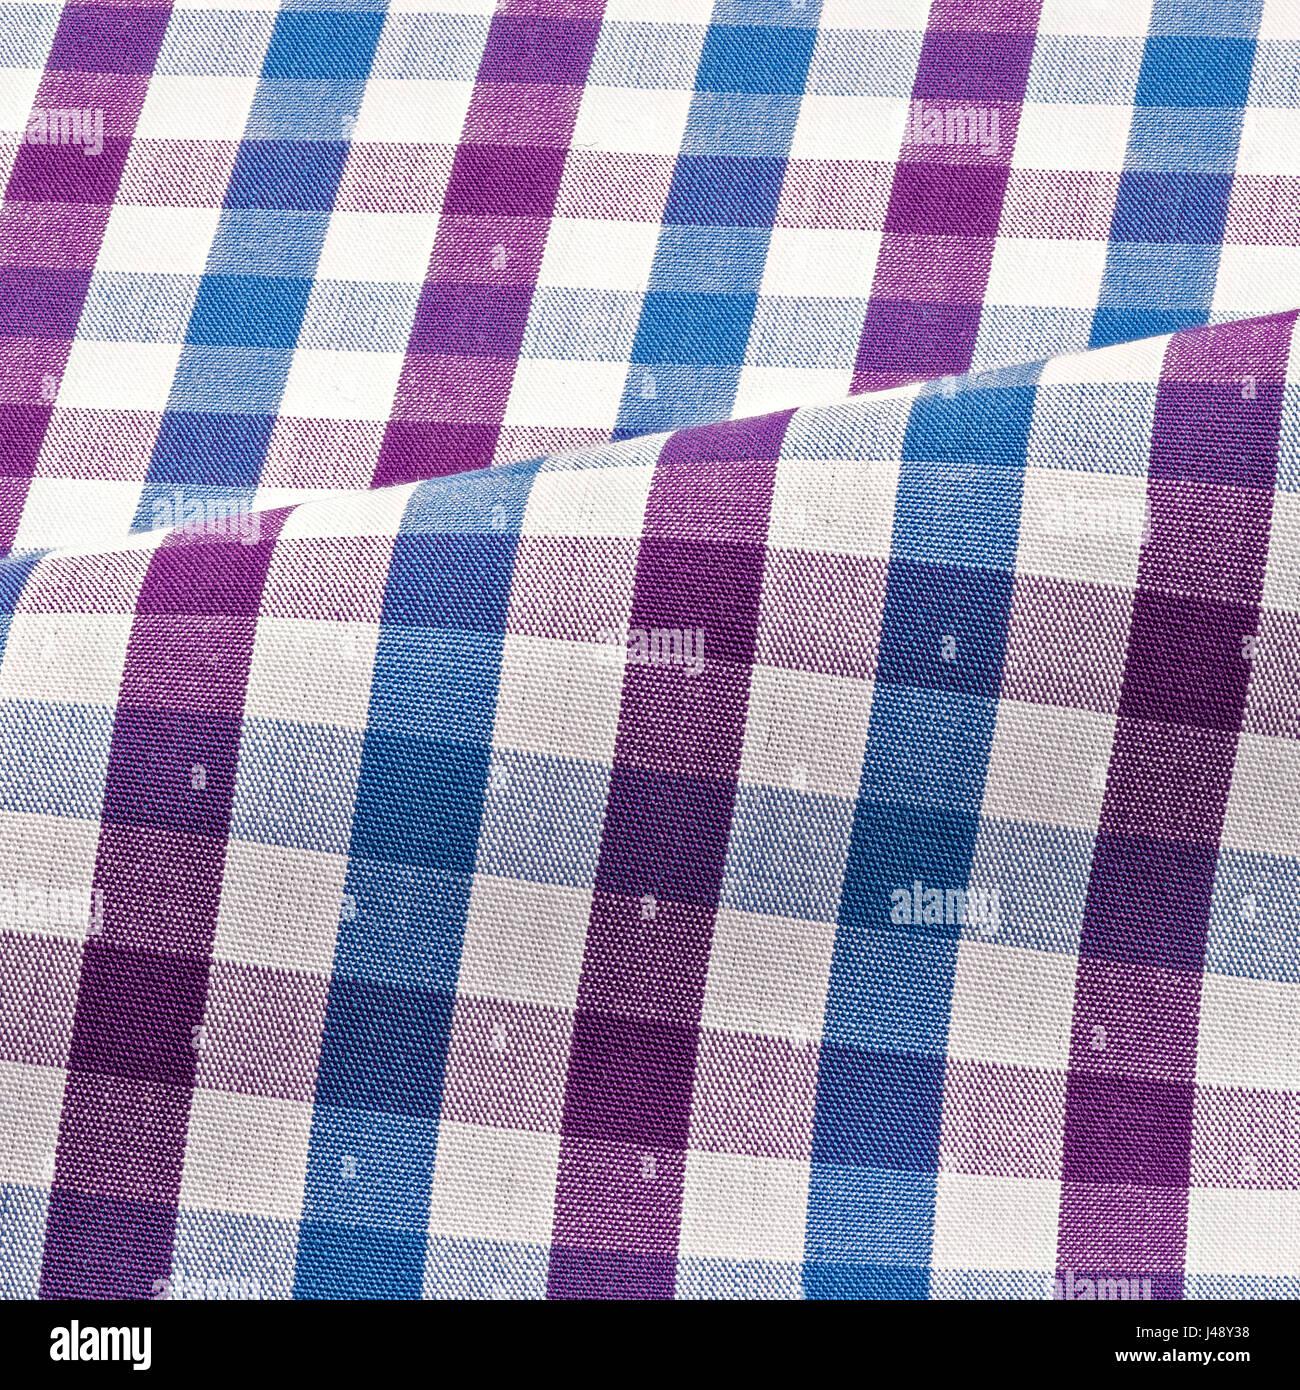 Échantillons de tissu texture background close-up macro photographie Banque D'Images